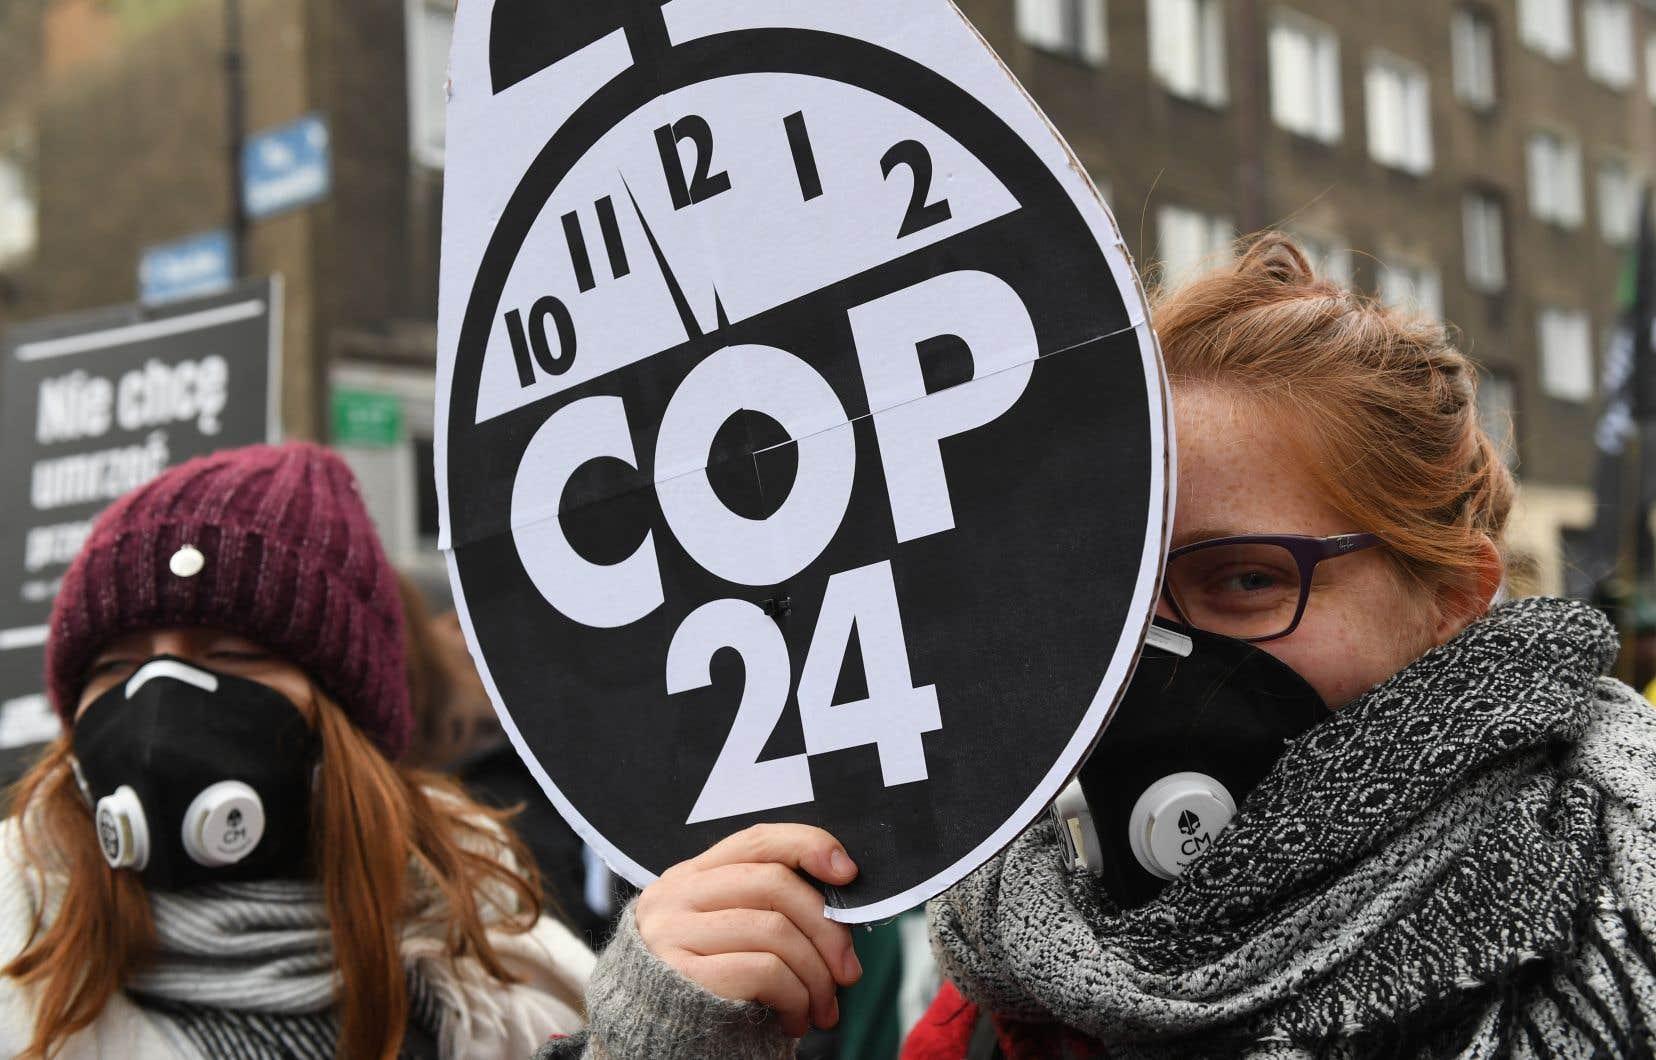 Pour le moment, les engagements pris par les différents pays conduisent la planète vers un réchauffement d'au moins 3°C, en supposant que tous respectent leurs engagements.